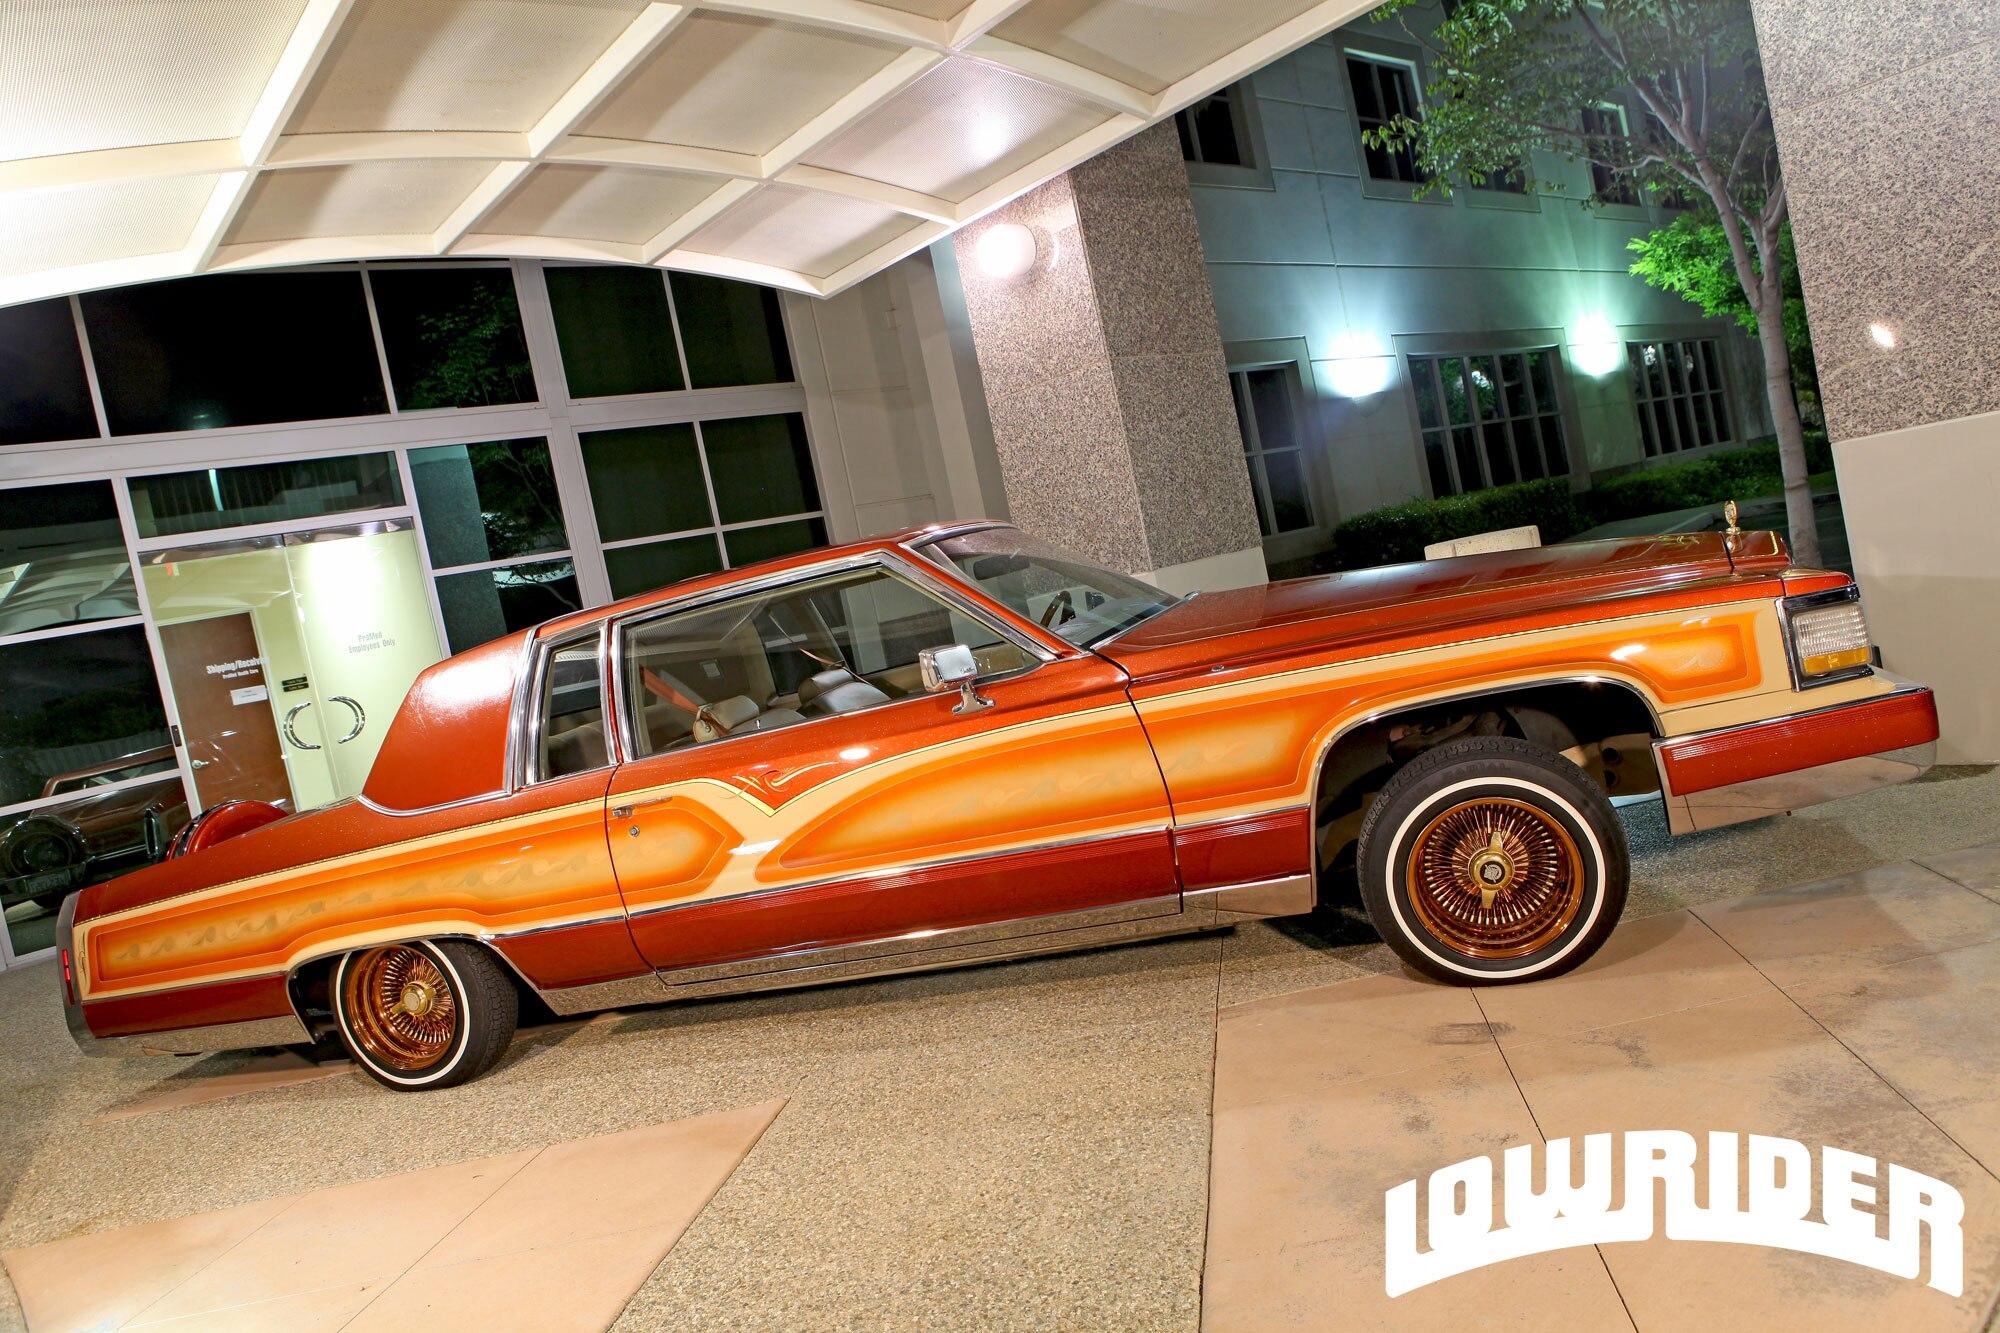 lrmp-1112-01-o-1981-coupe-deville-side3